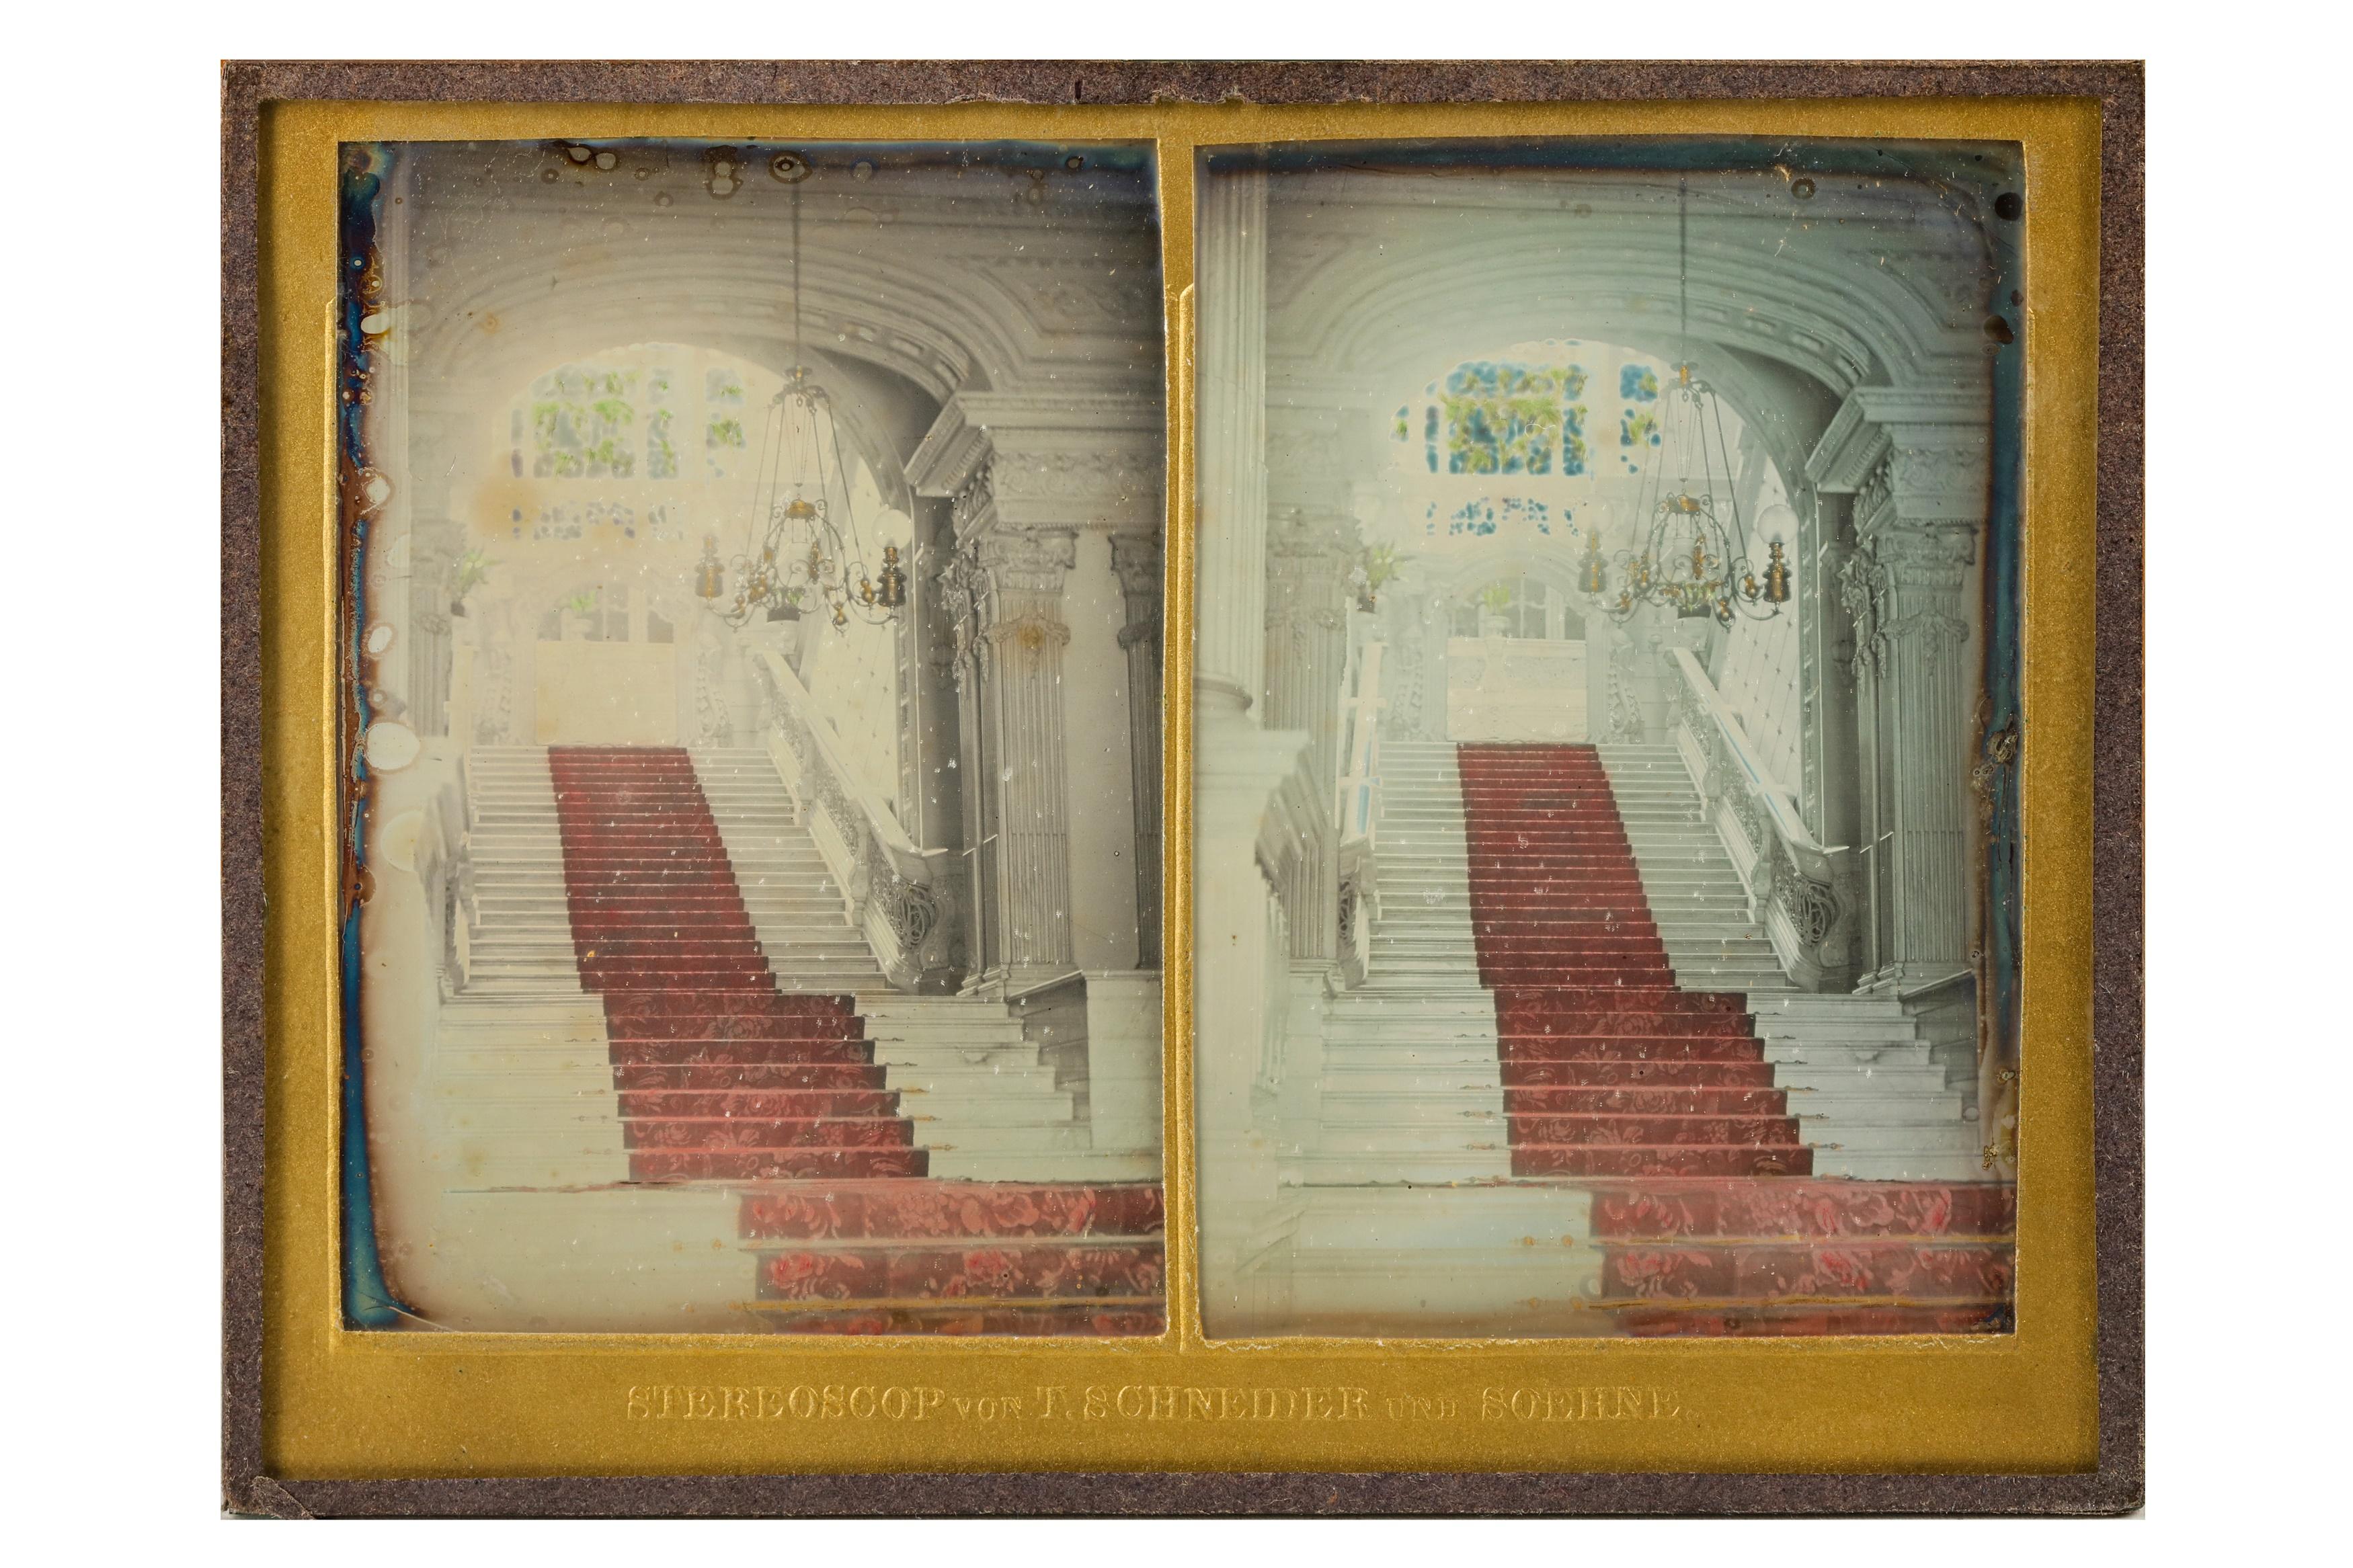 T. SCHNEIDER & SONS (1847-1921) - Image 16 of 22